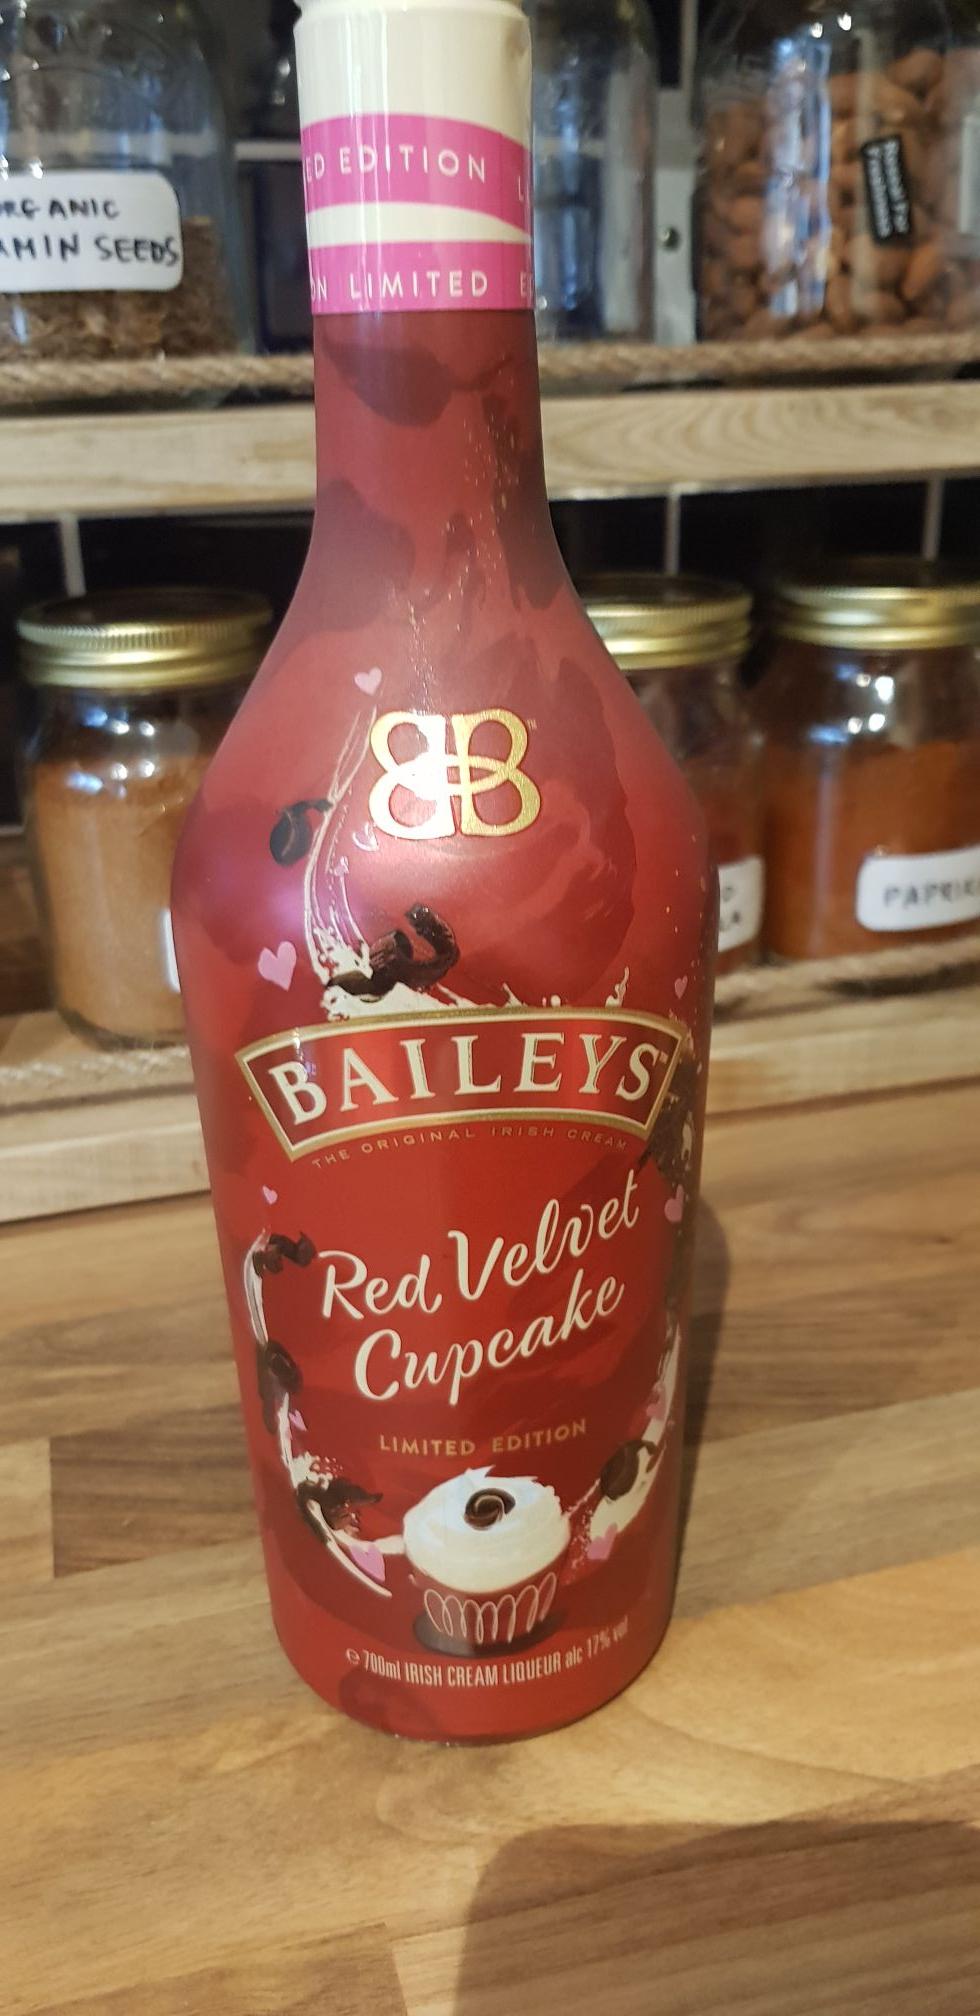 Baileys Red Velvet Cupcake £8.80 at Tesco Hamble.